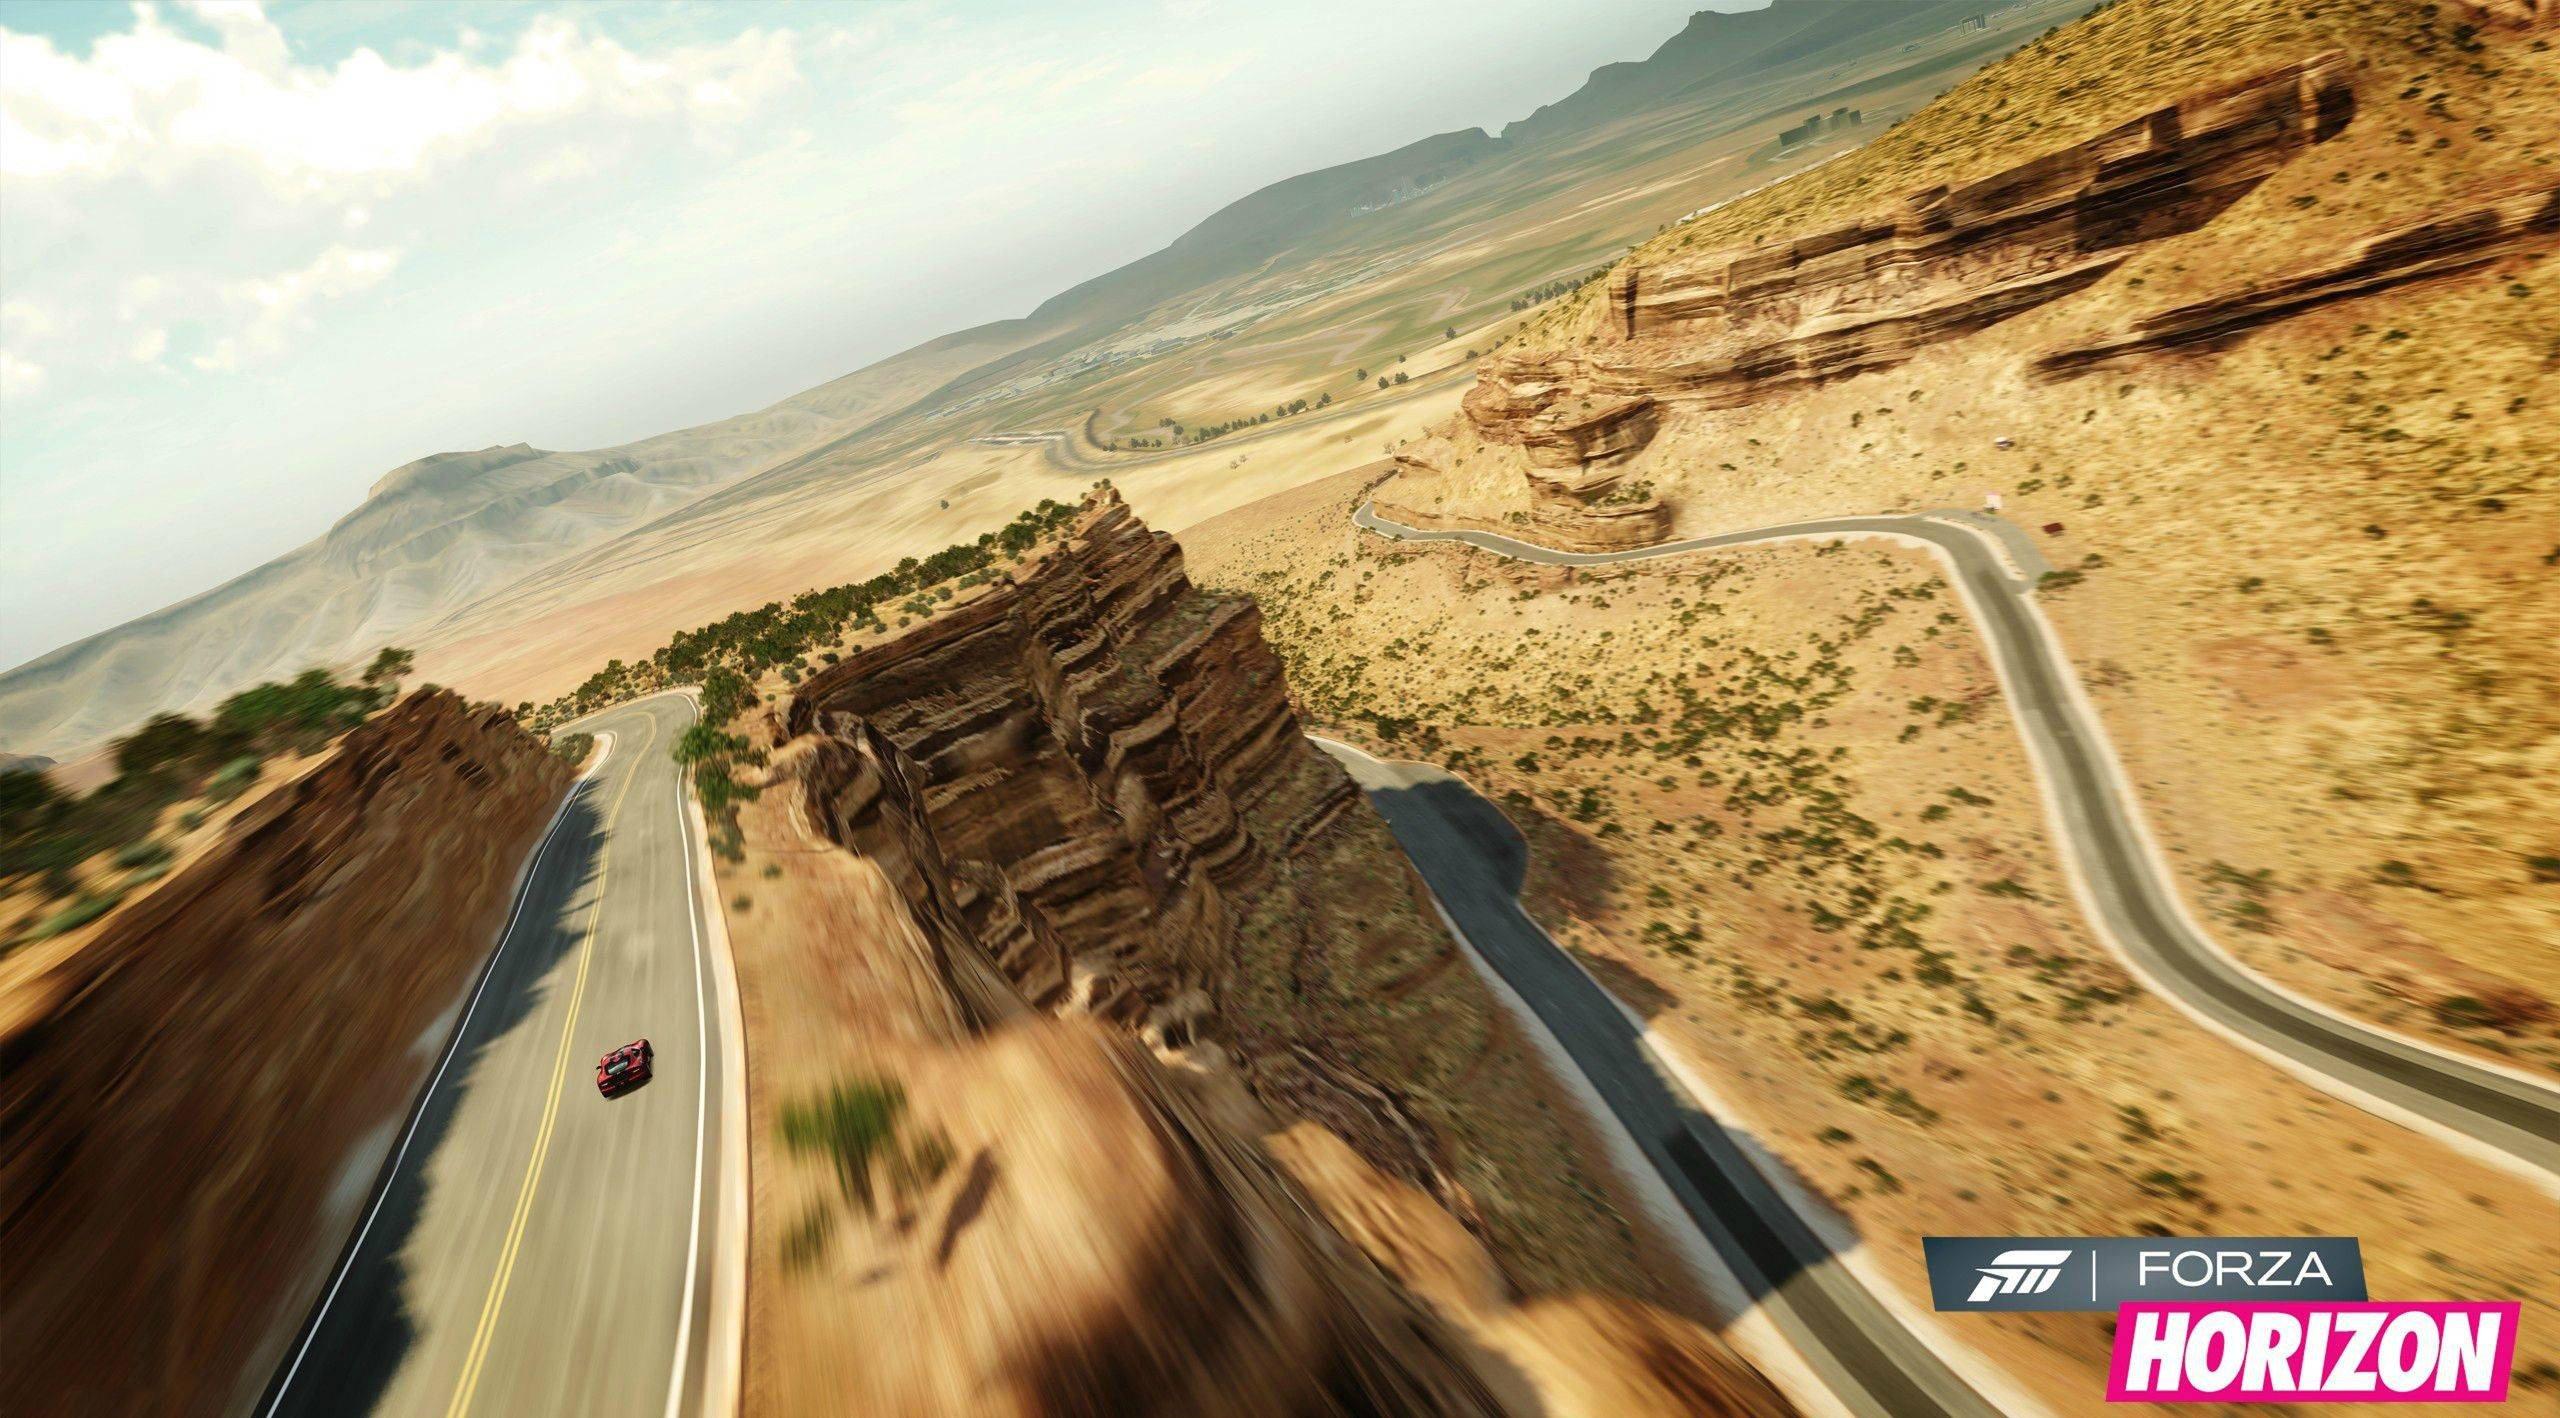 Десятилетие серии Forza: Часть 2: Horizon. - Изображение 3